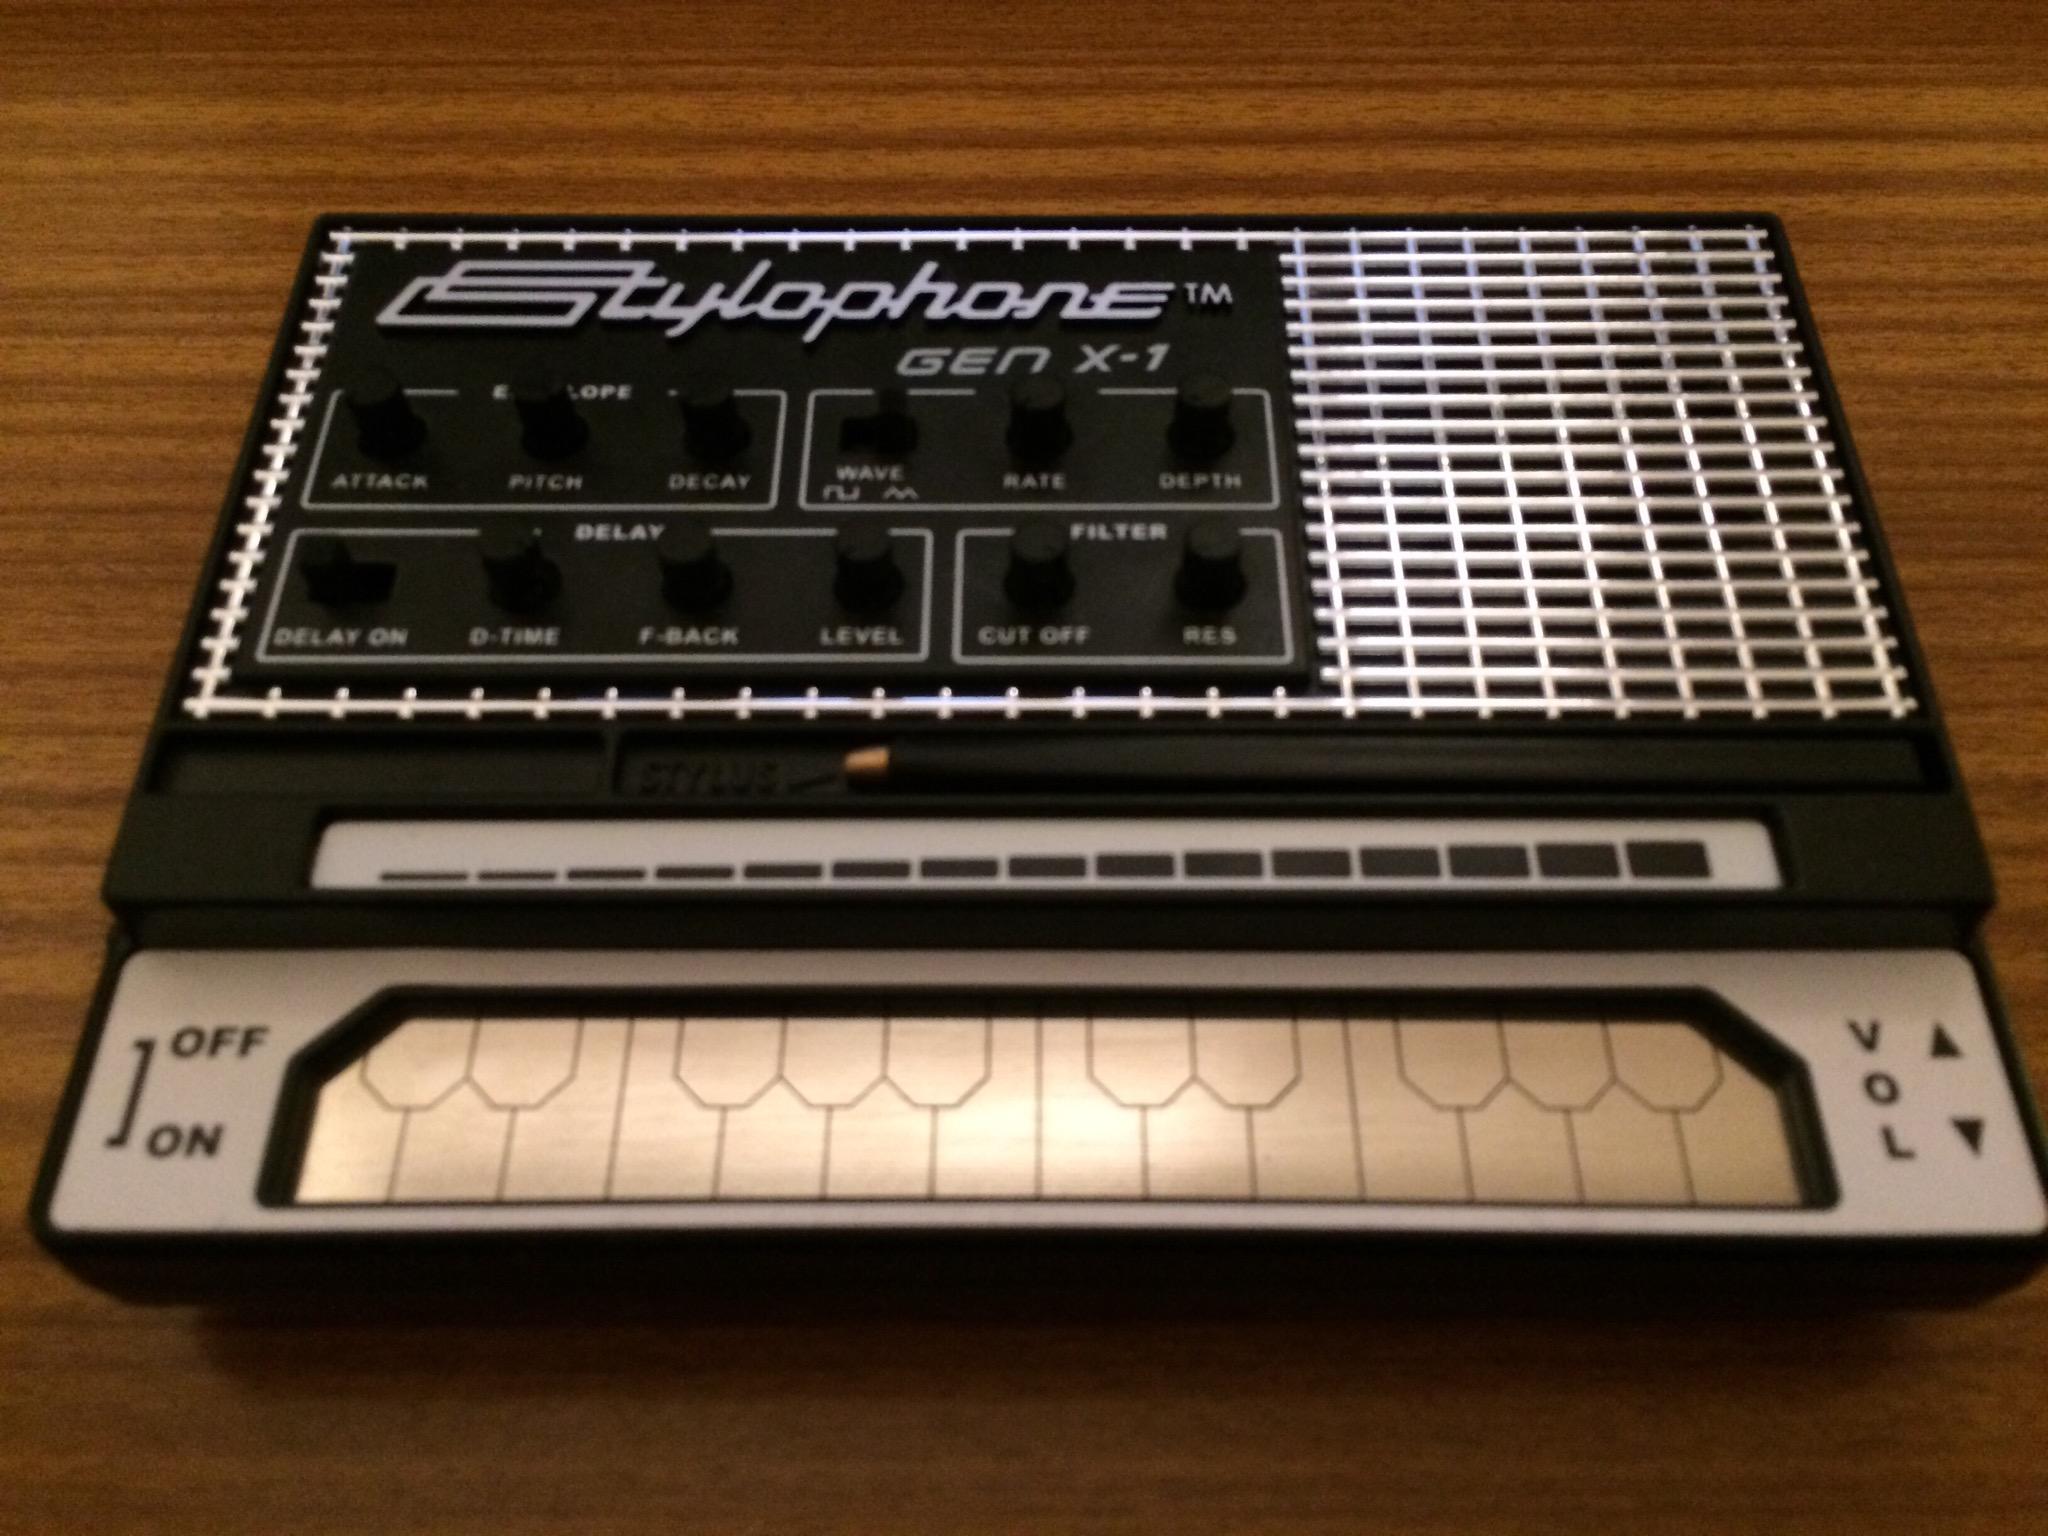 stylophone gen x 1 review